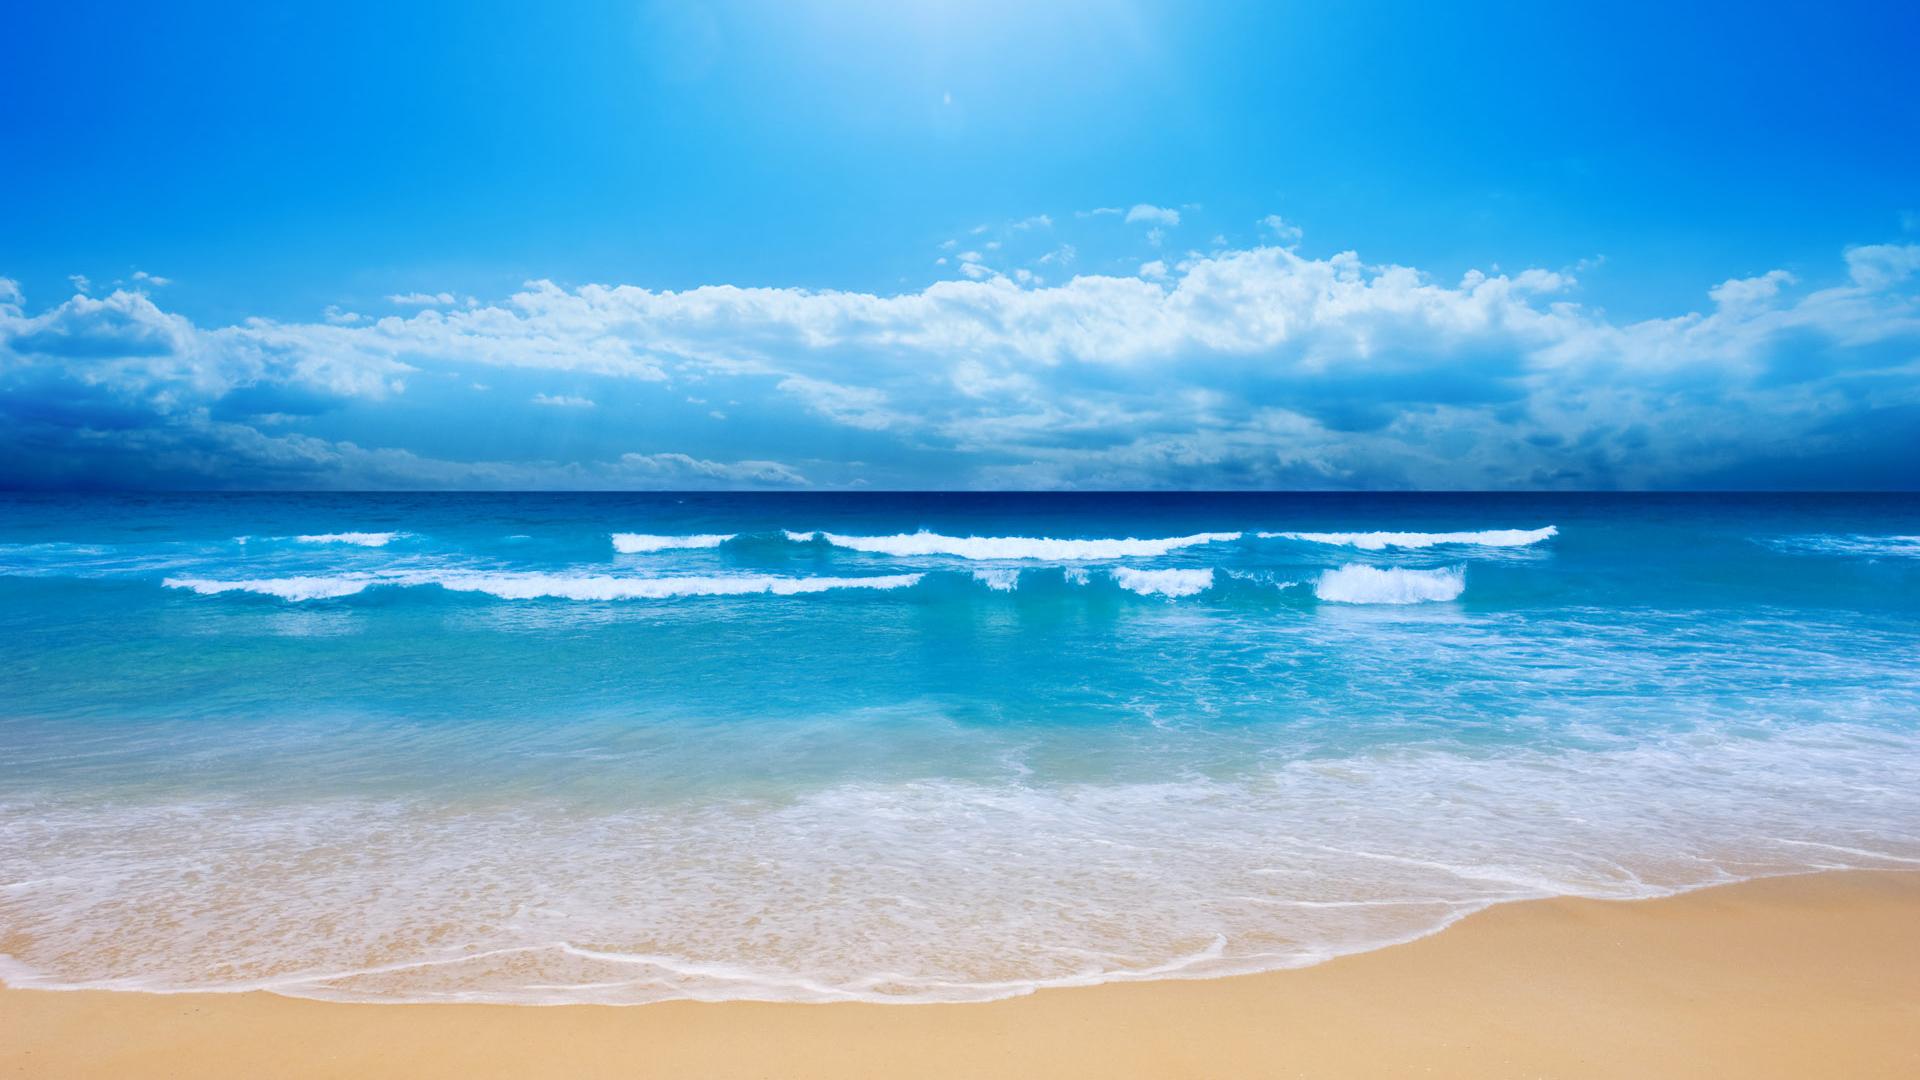 صور عن البحر (2)